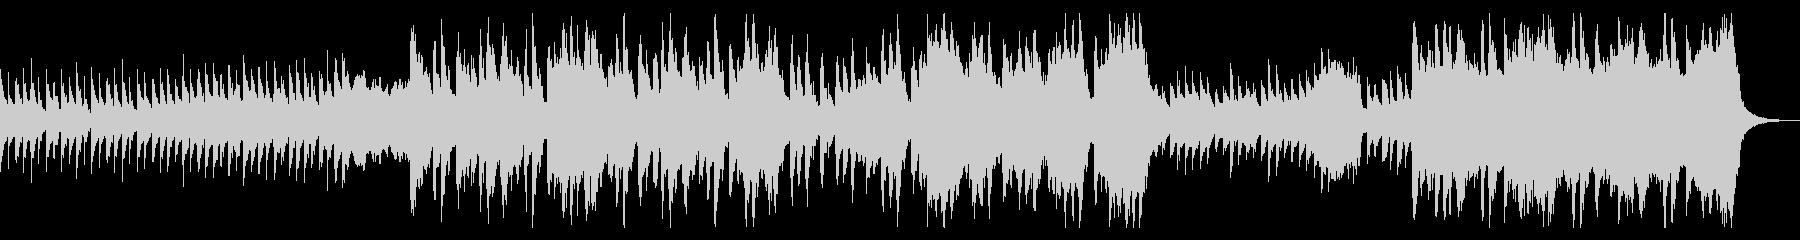 トイピアノが不気味可愛いファンタジーな曲の未再生の波形